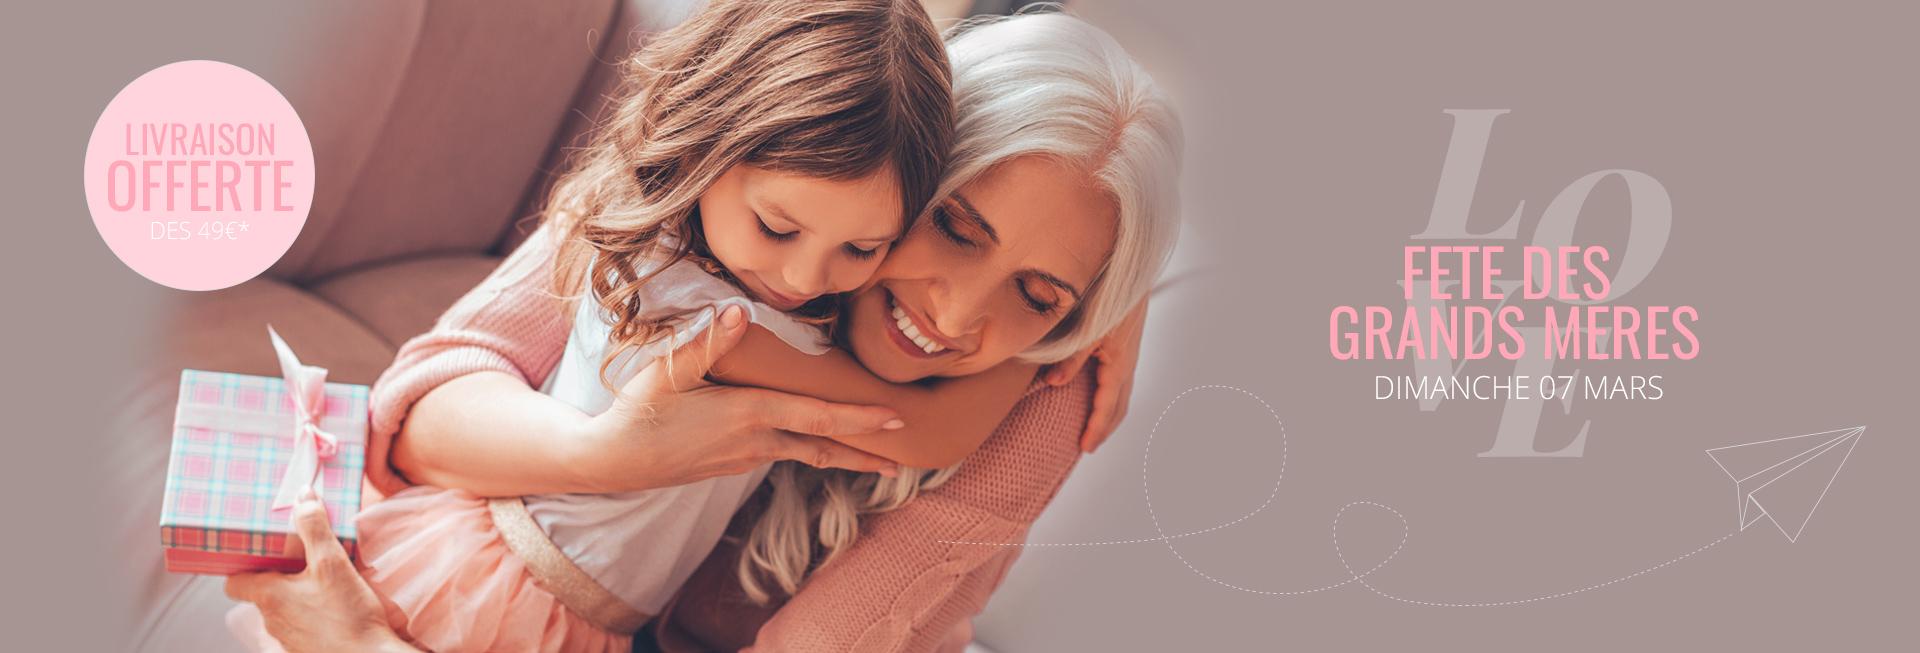 Dimanche 07 Mars, c'est la fête des grands meres, comblez la avec un bijou ... Traditionnel, classique ou même personnalisé, choisissez le bijou idéal pour votre grand-mère.